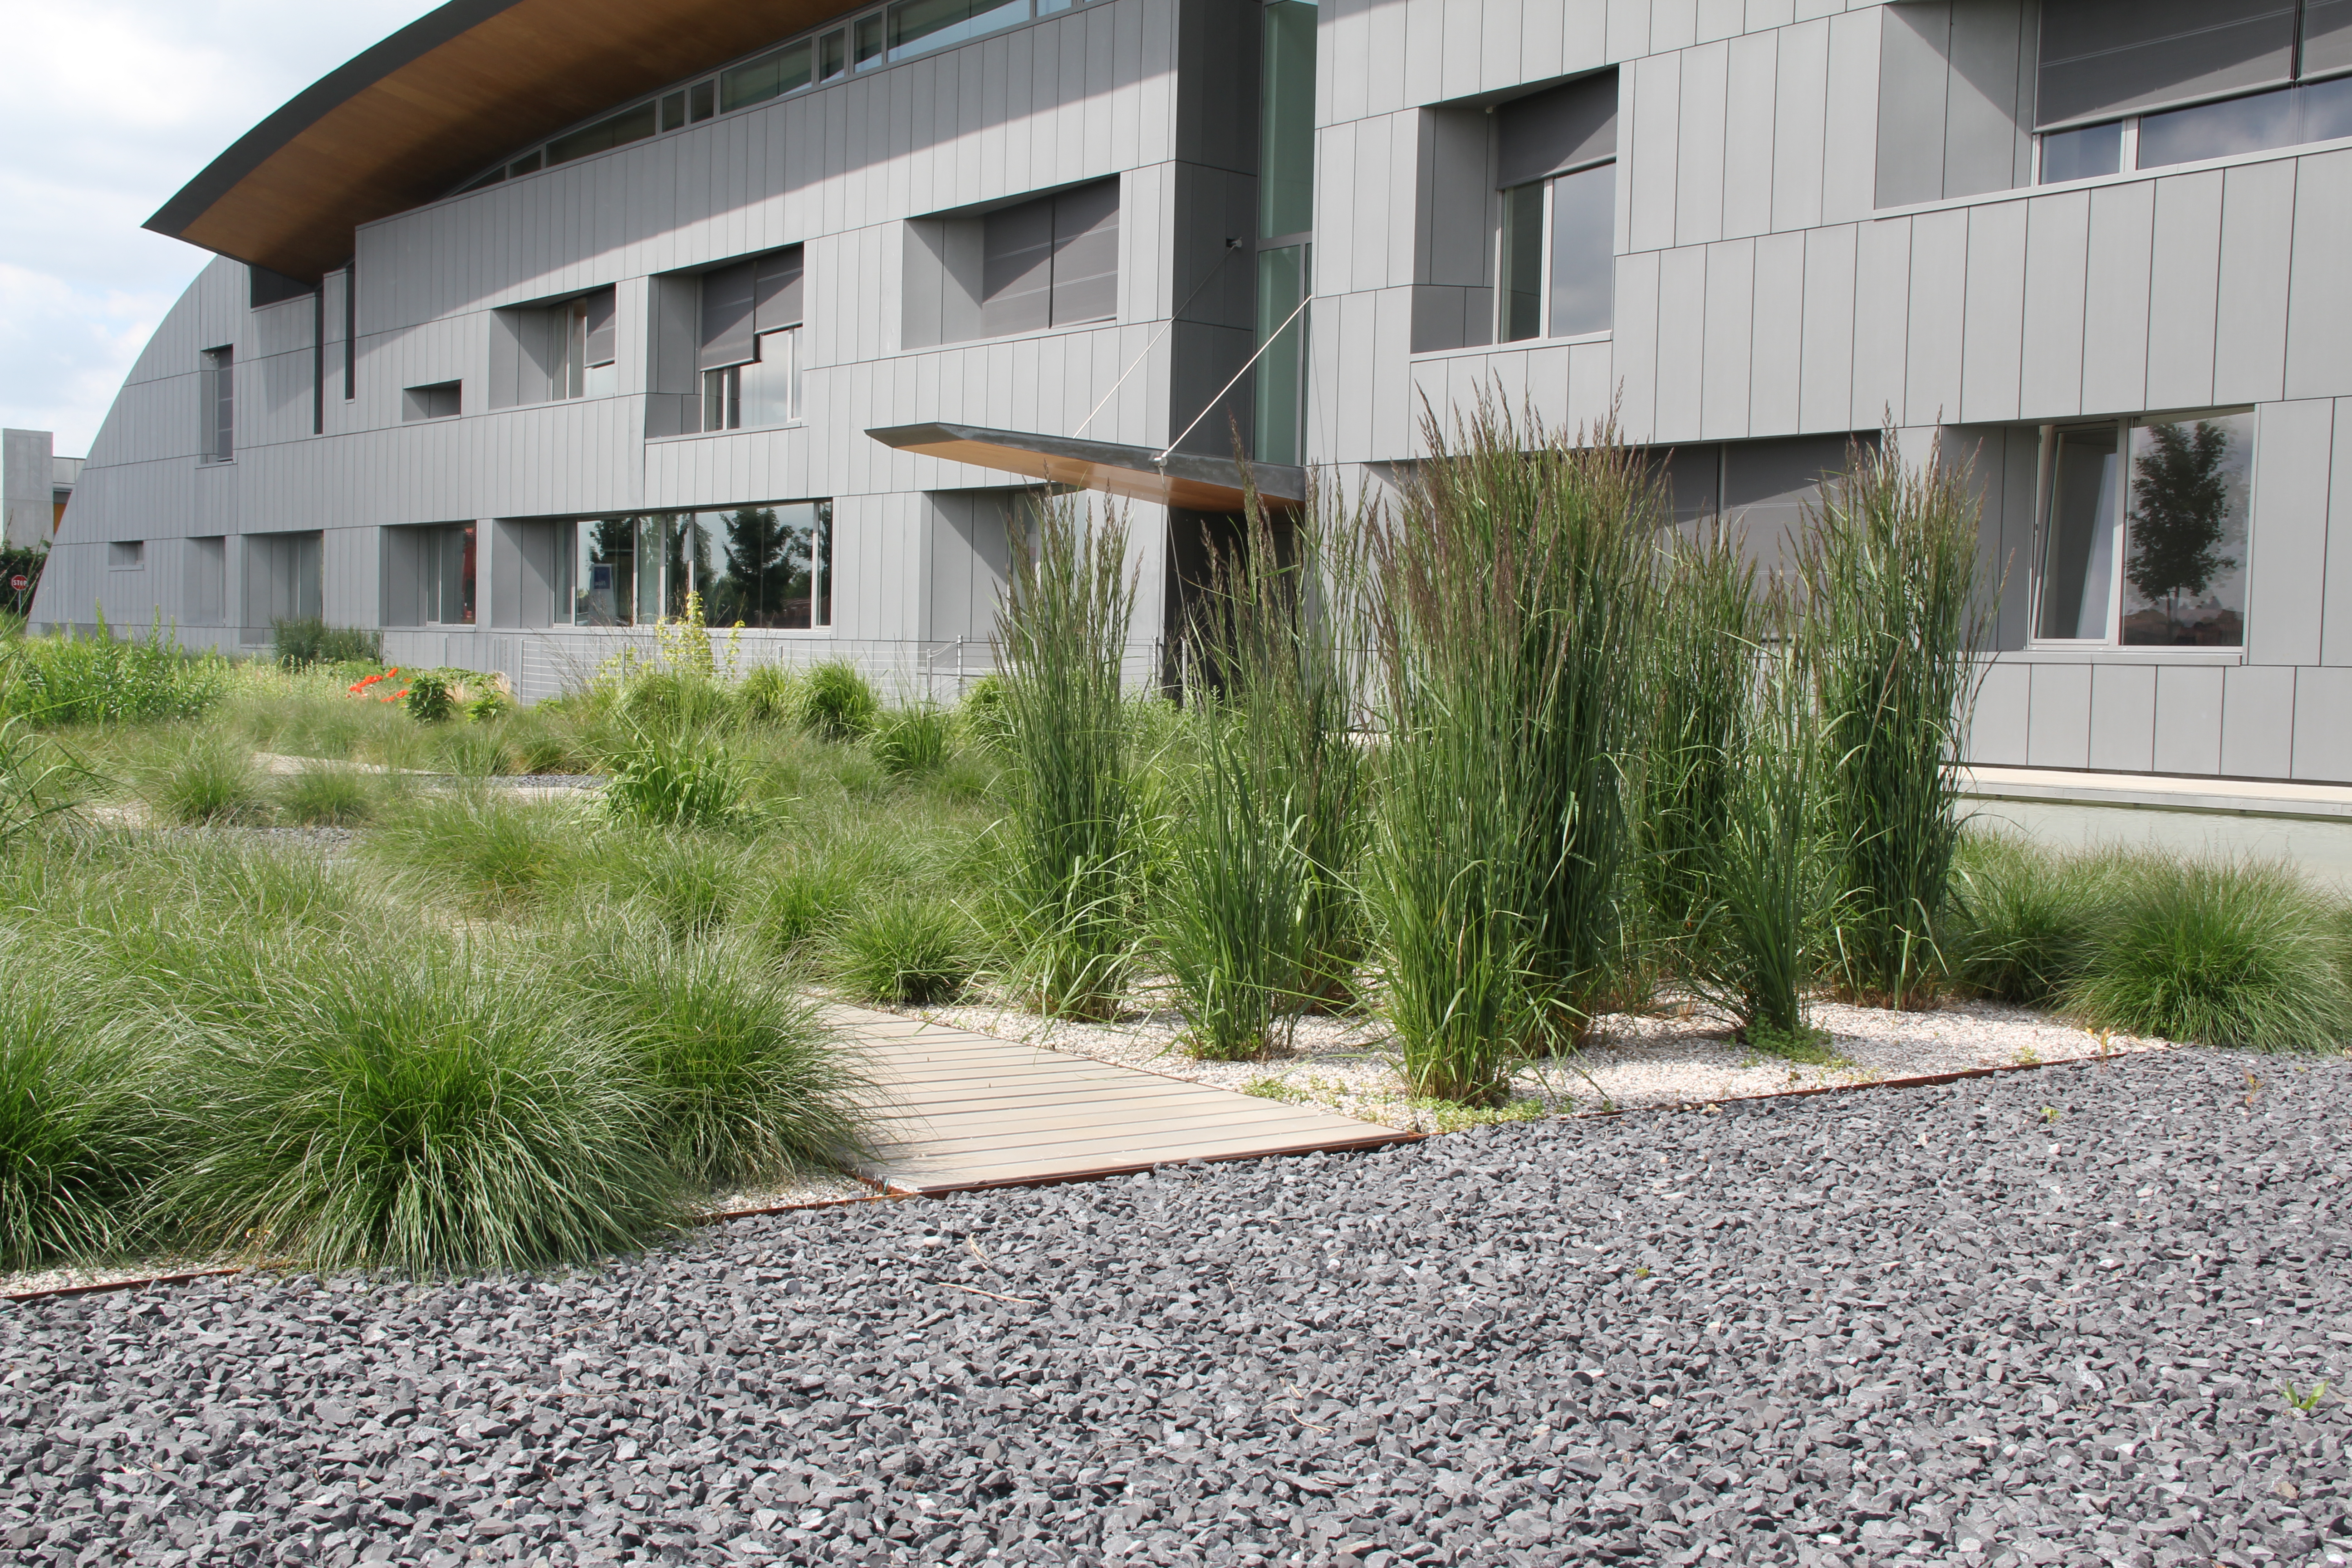 dopo un anno e mezzo circa dalla fine dell'impianto, si nota che i volumi vegetativi stanno raggiungendo le dimensioni finali di sviluppo, anche se siamo nel periodo primaverile.